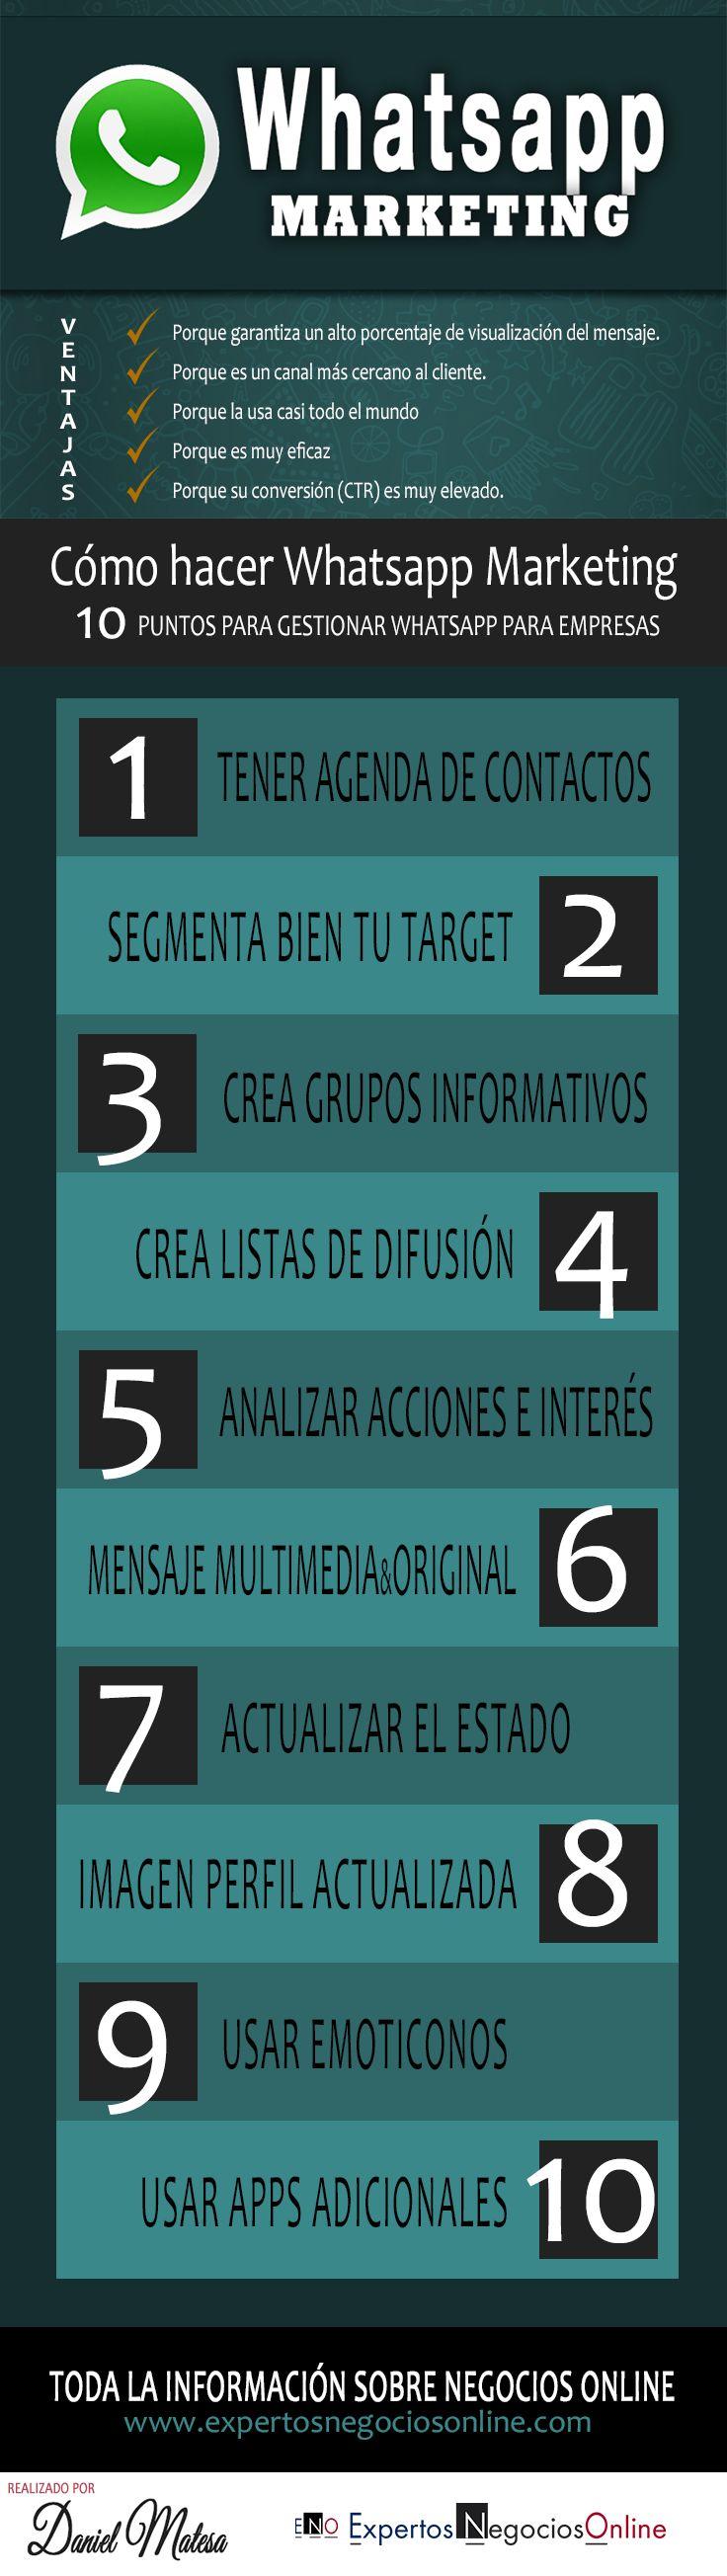 infografía whatsapp para empresas || whatsapp empresas